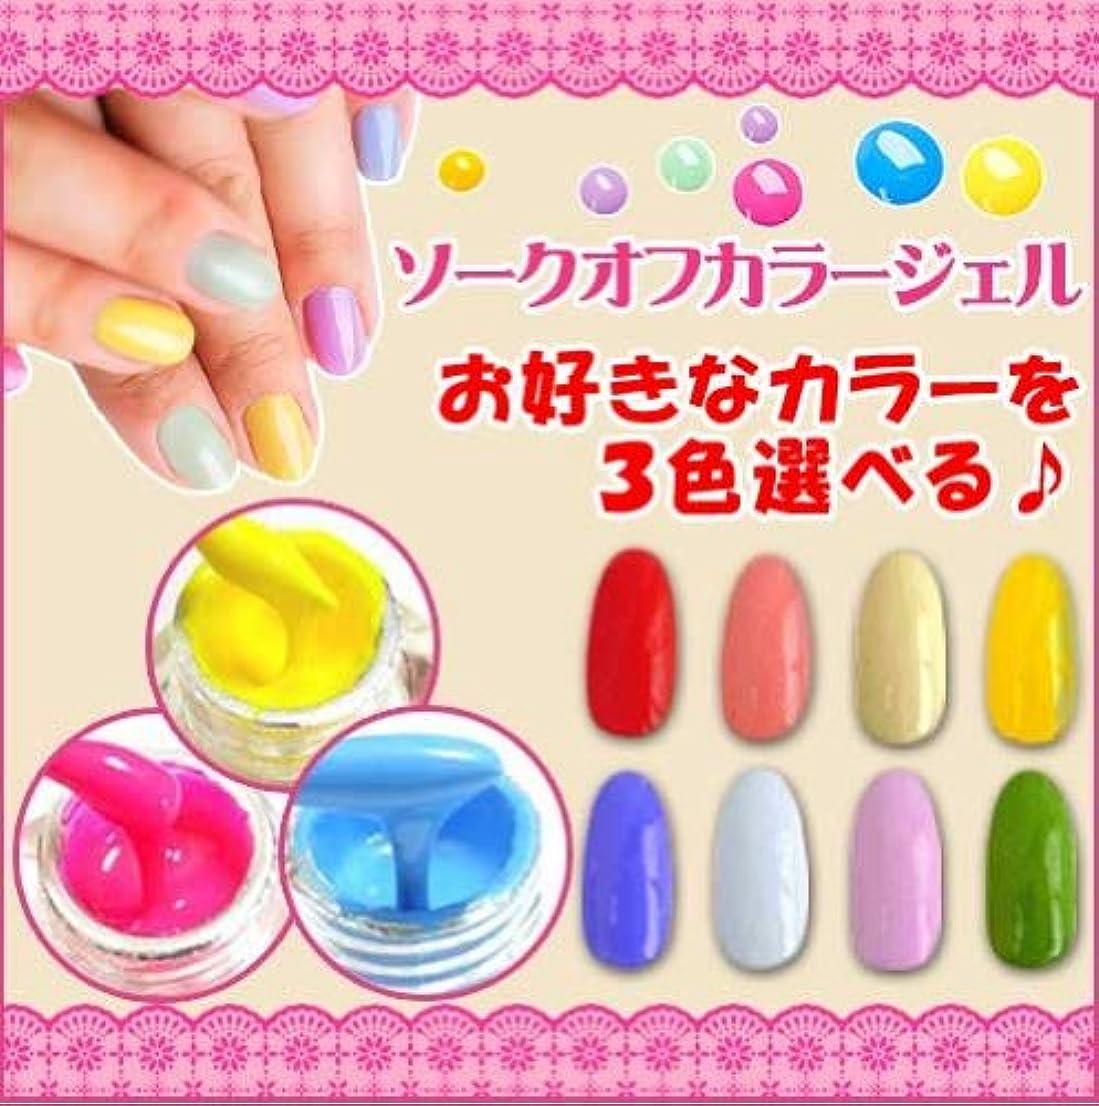 ピービッシュフラッシュのように素早く男性【好きなカラーが選べる?】カラージェル3色セット☆発色抜群